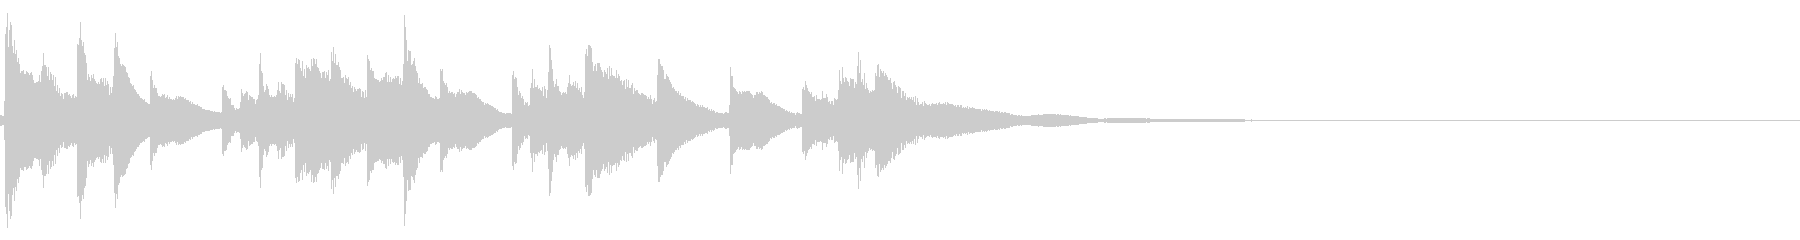 琴☆アイキャッチ4の未再生の波形